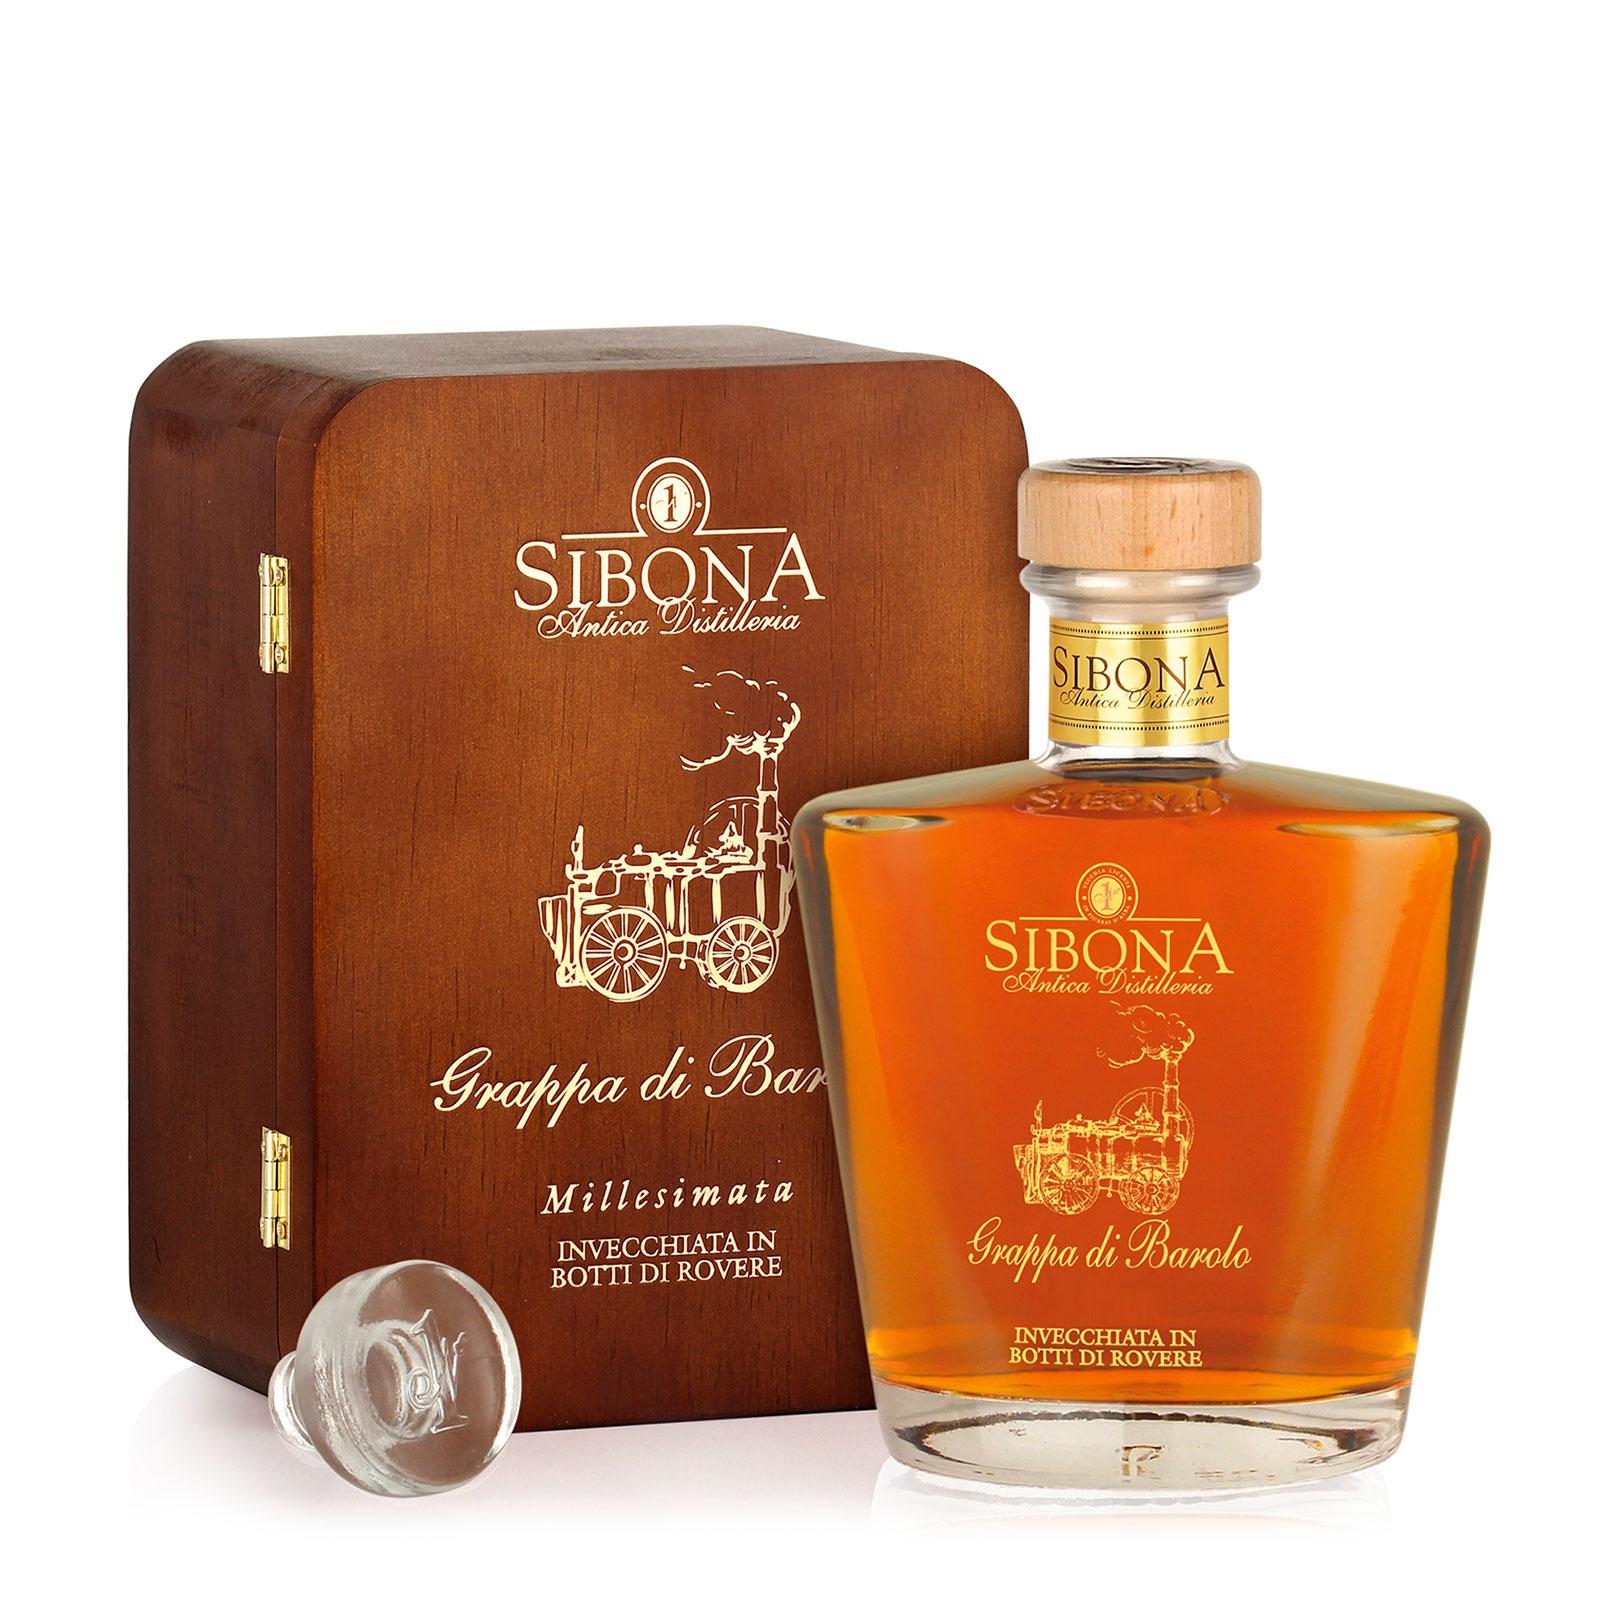 Grappa di Barolo millesimata - Distilleria Sibona